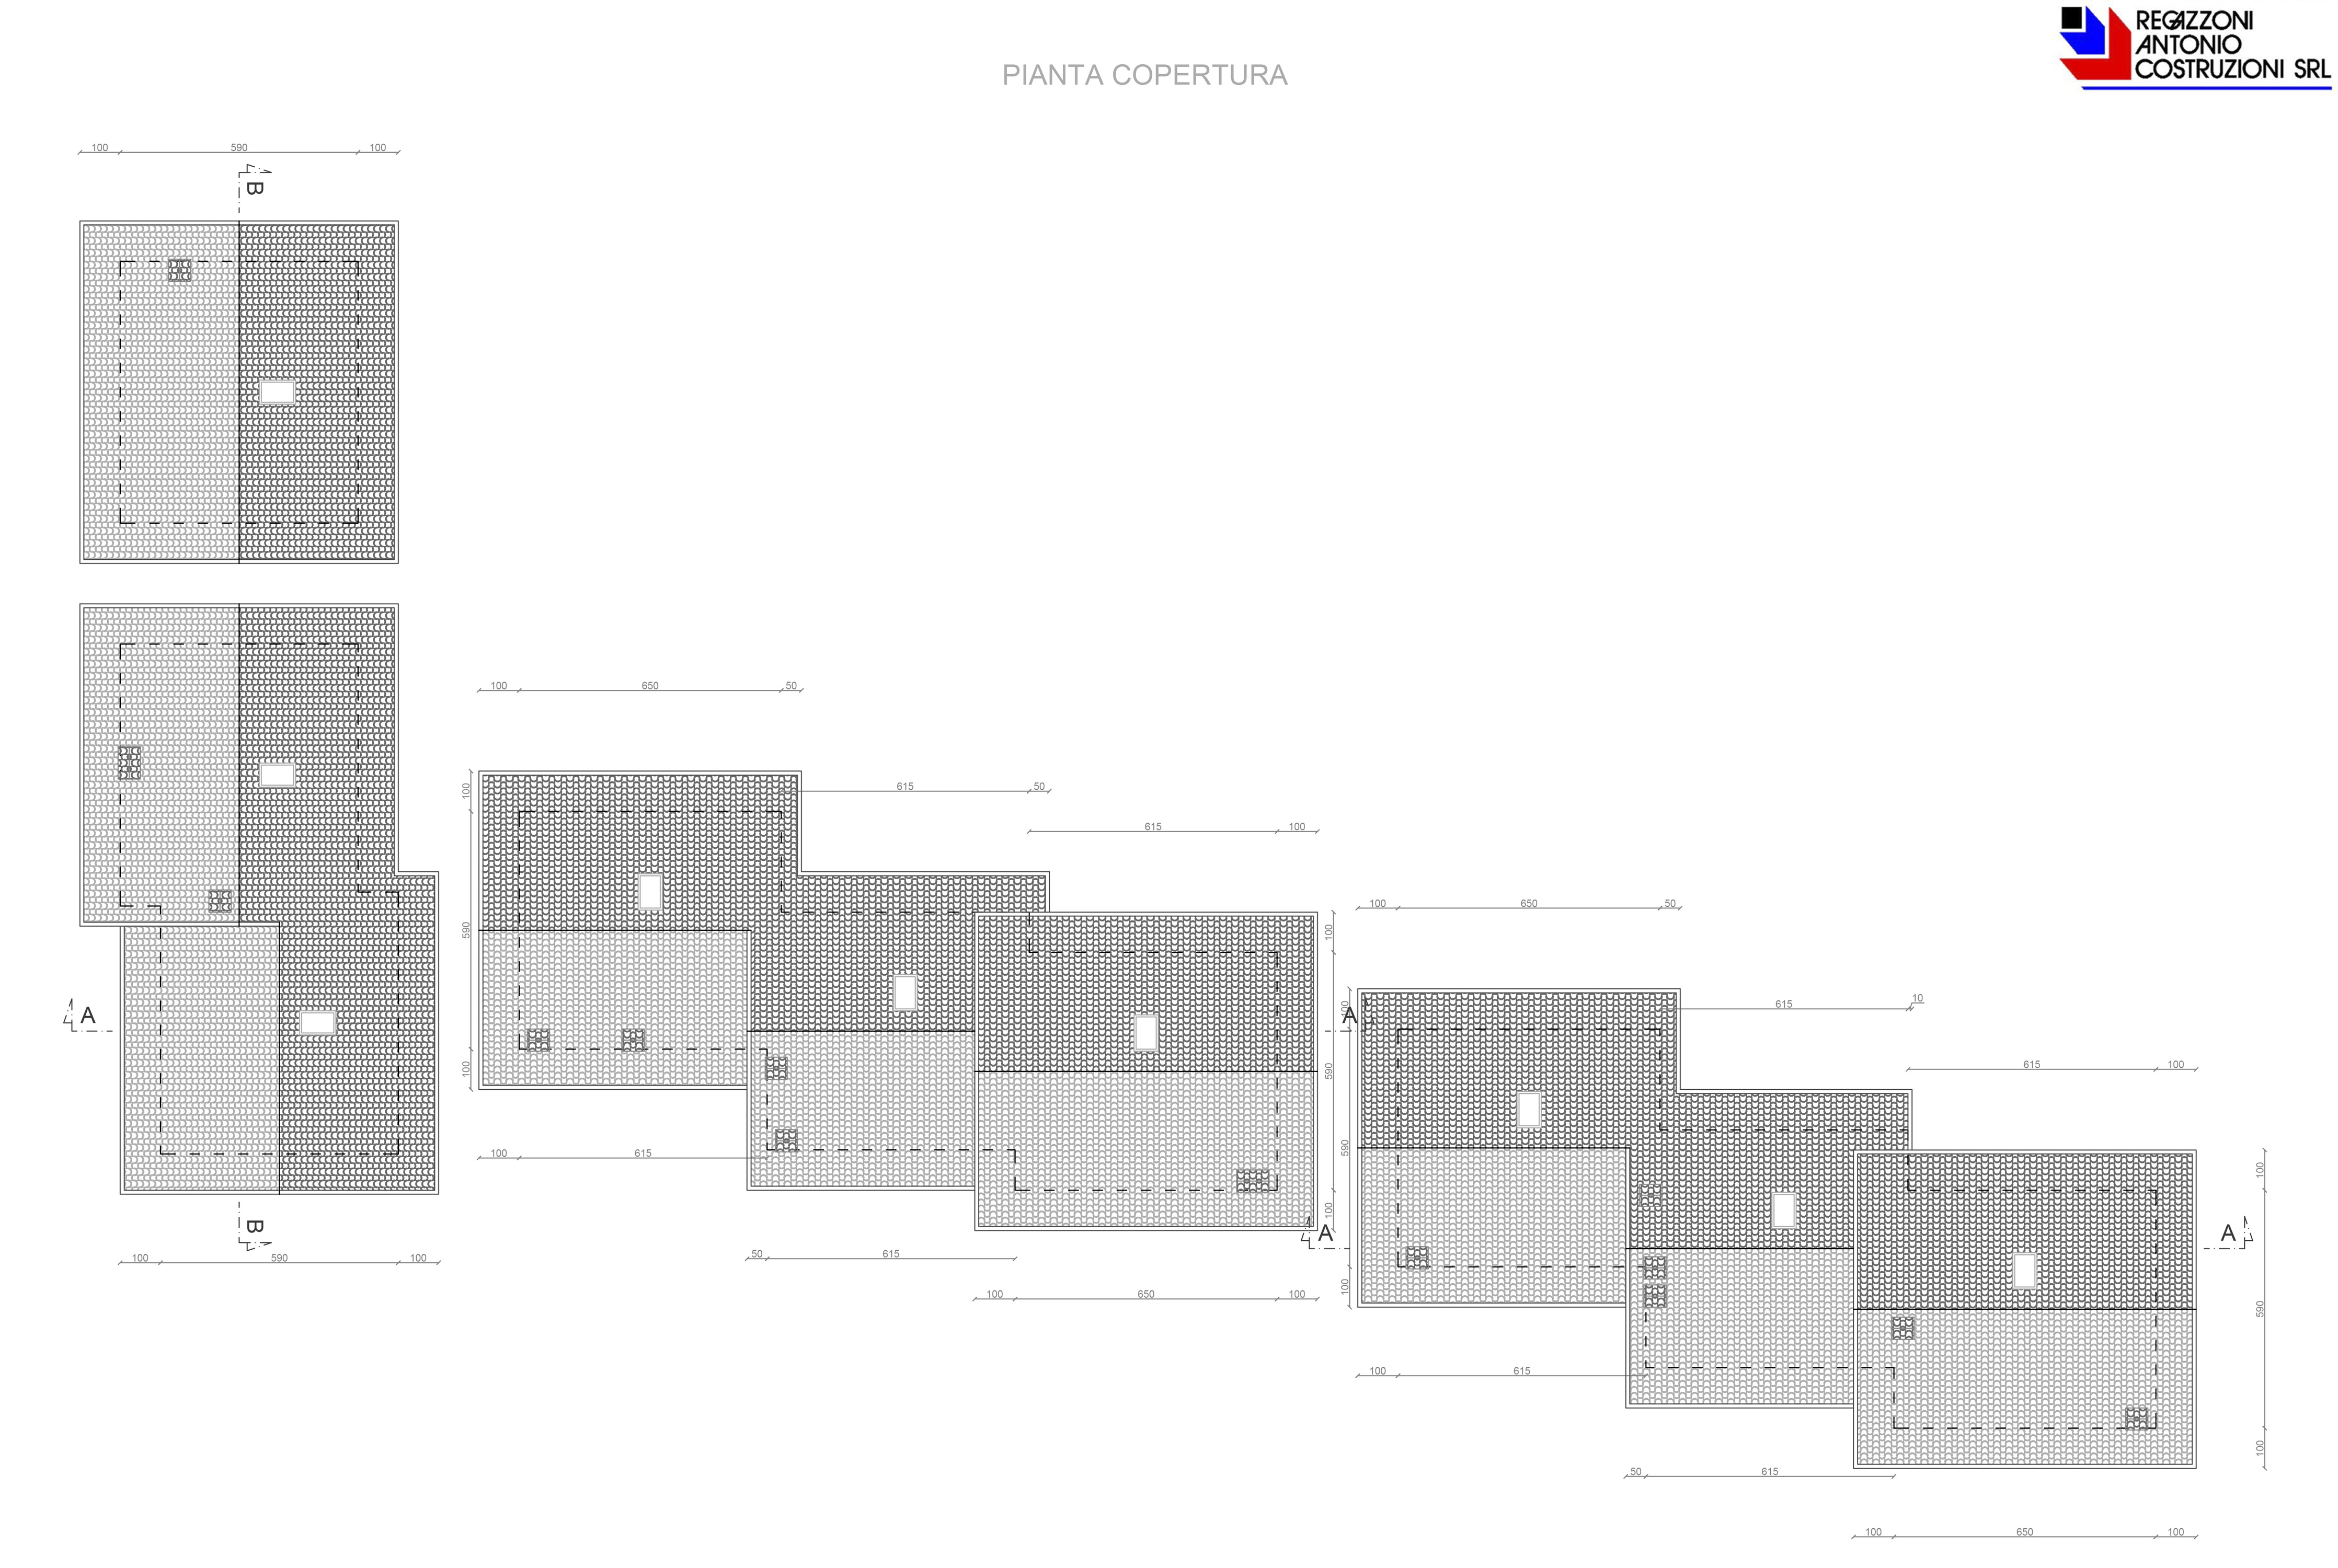 Pianta coperture - scala 1a100